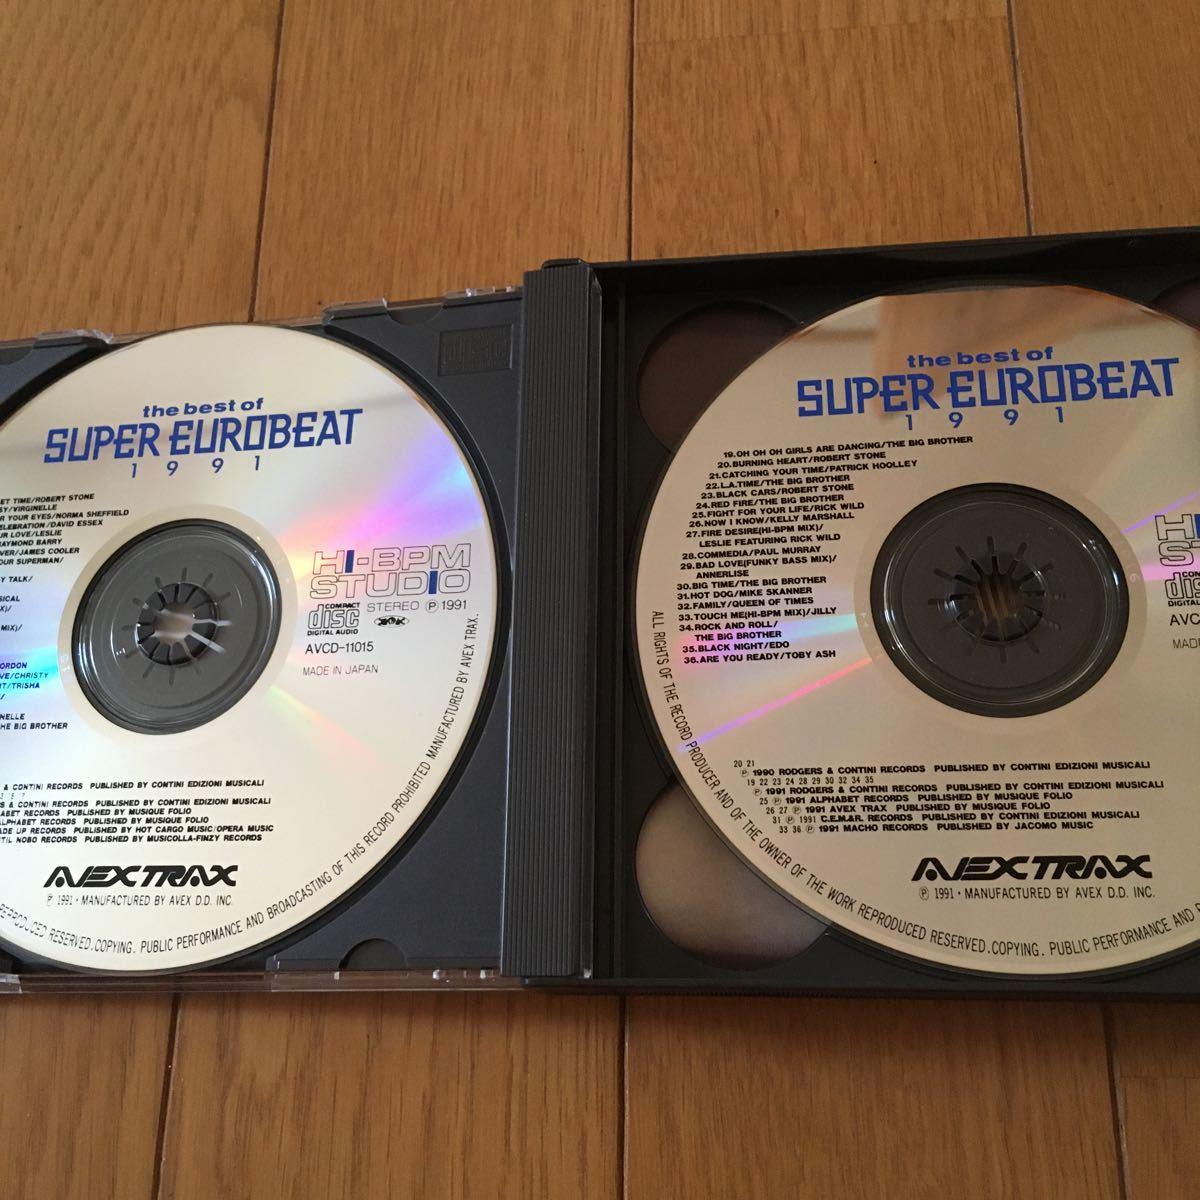 ☆ネコポス送料無料☆匿名発送☆3CD THE BEST OF SUPER EUROBEAT 1991 ☆ザ・ベスト・オブ・スーパーユーロビート1991☆入手困難 希少盤☆